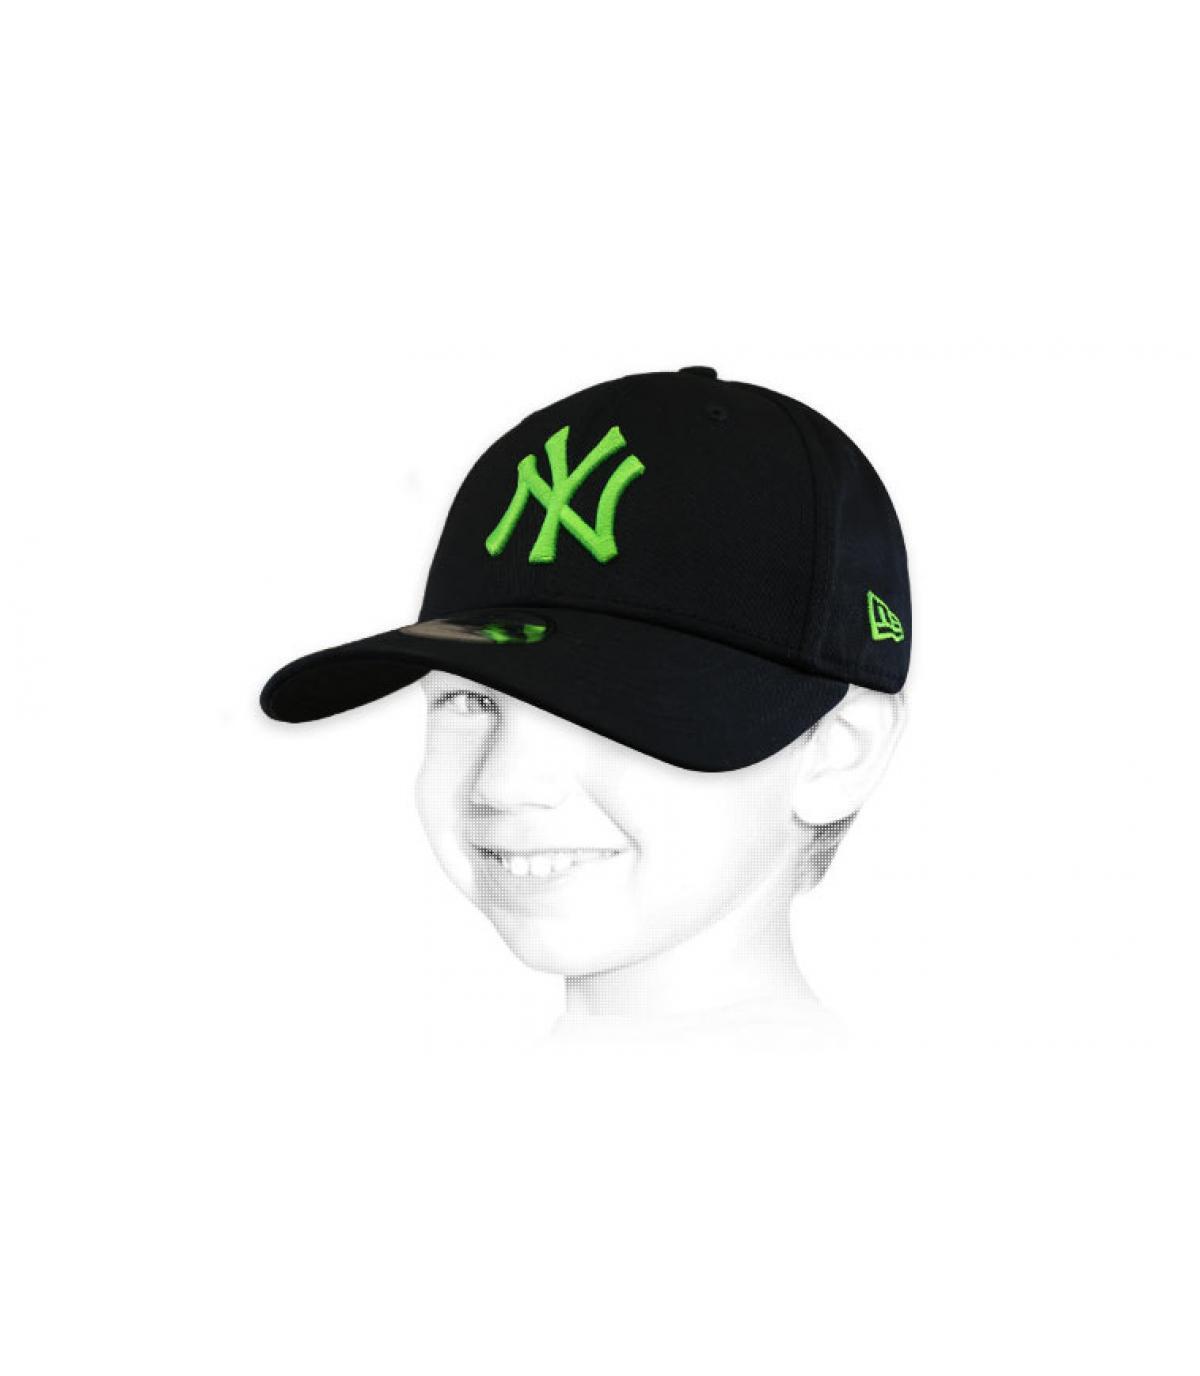 Cappellino NY verde nero per bambini